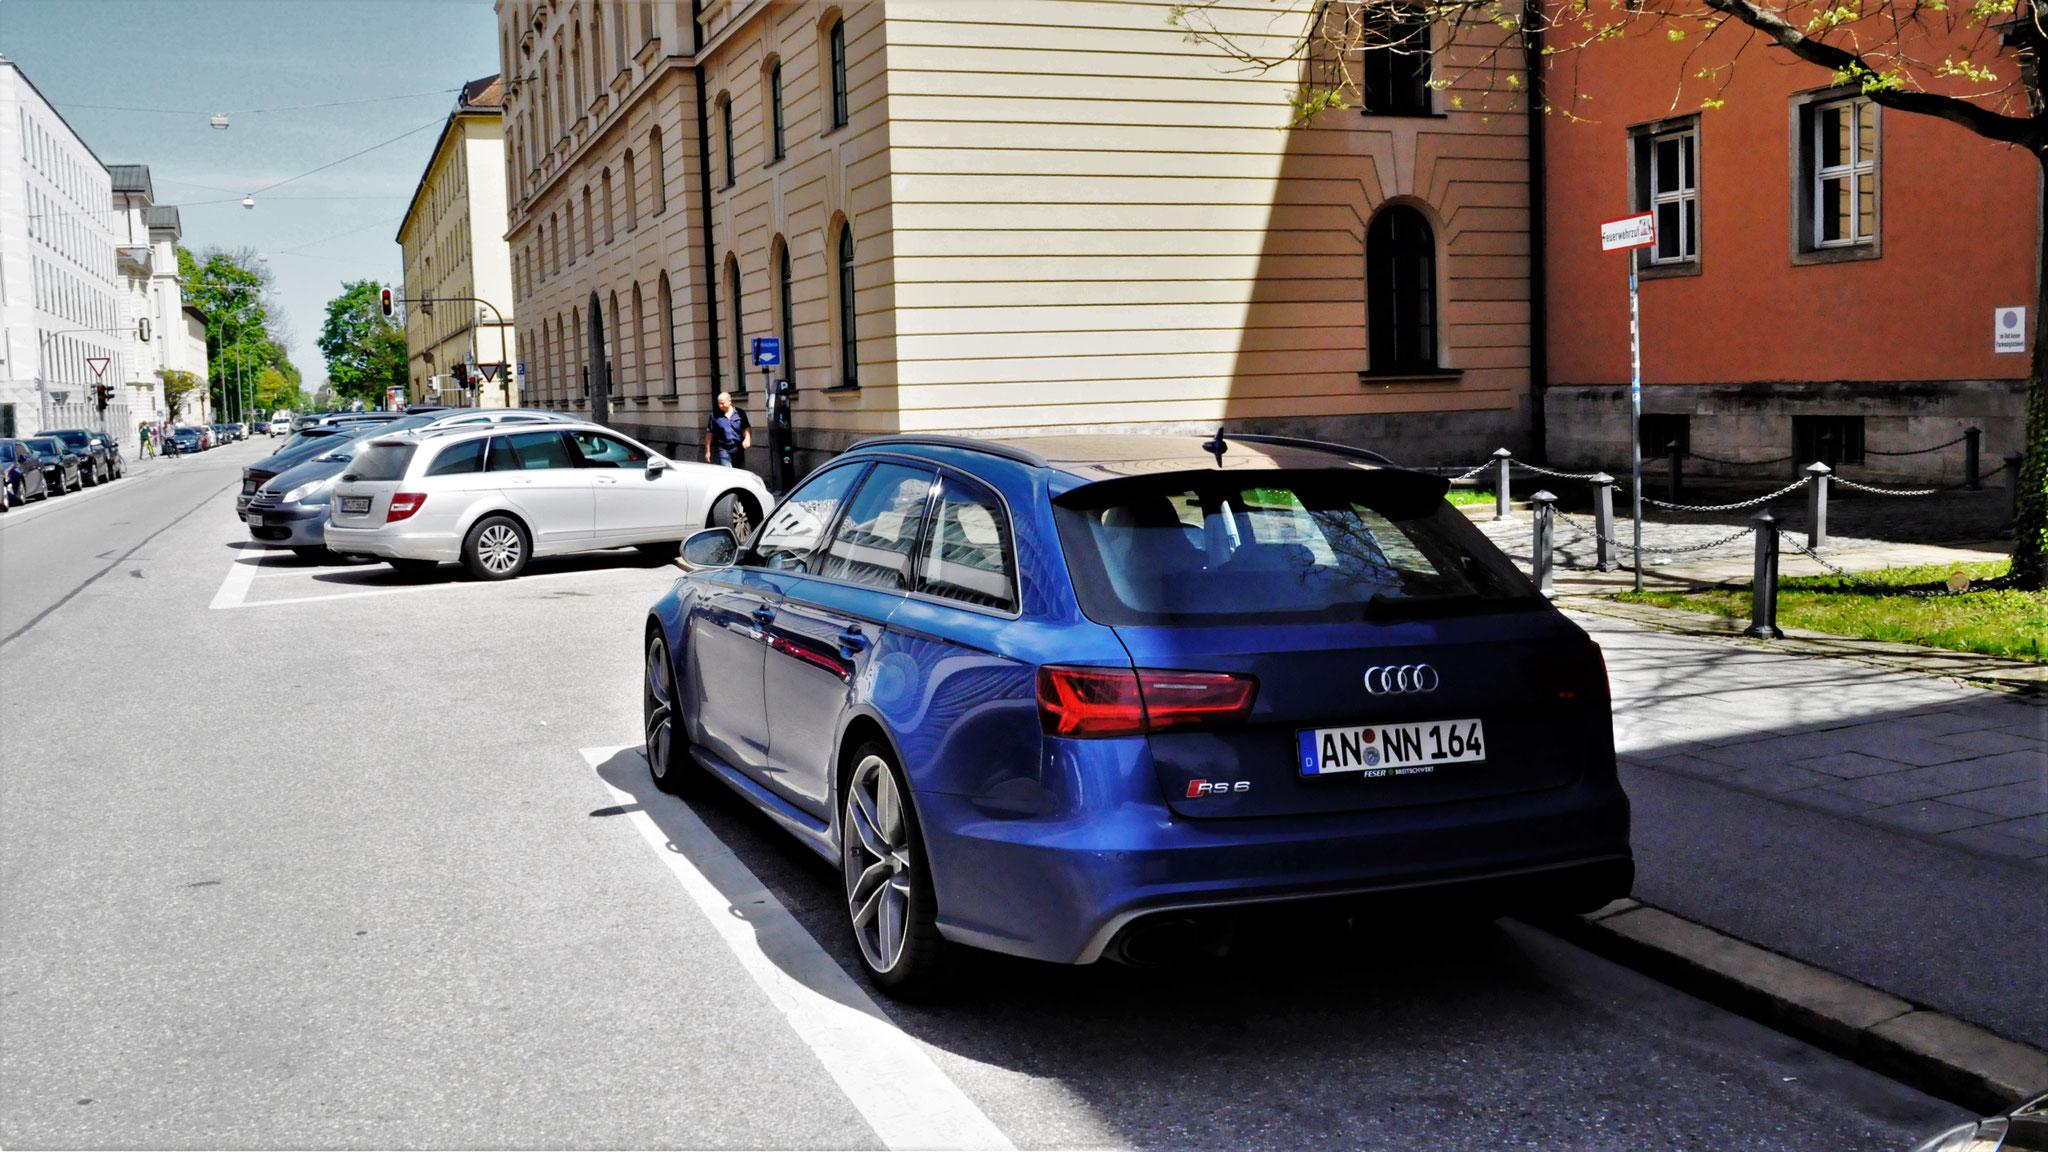 Audi RS6 - AN-NN-164